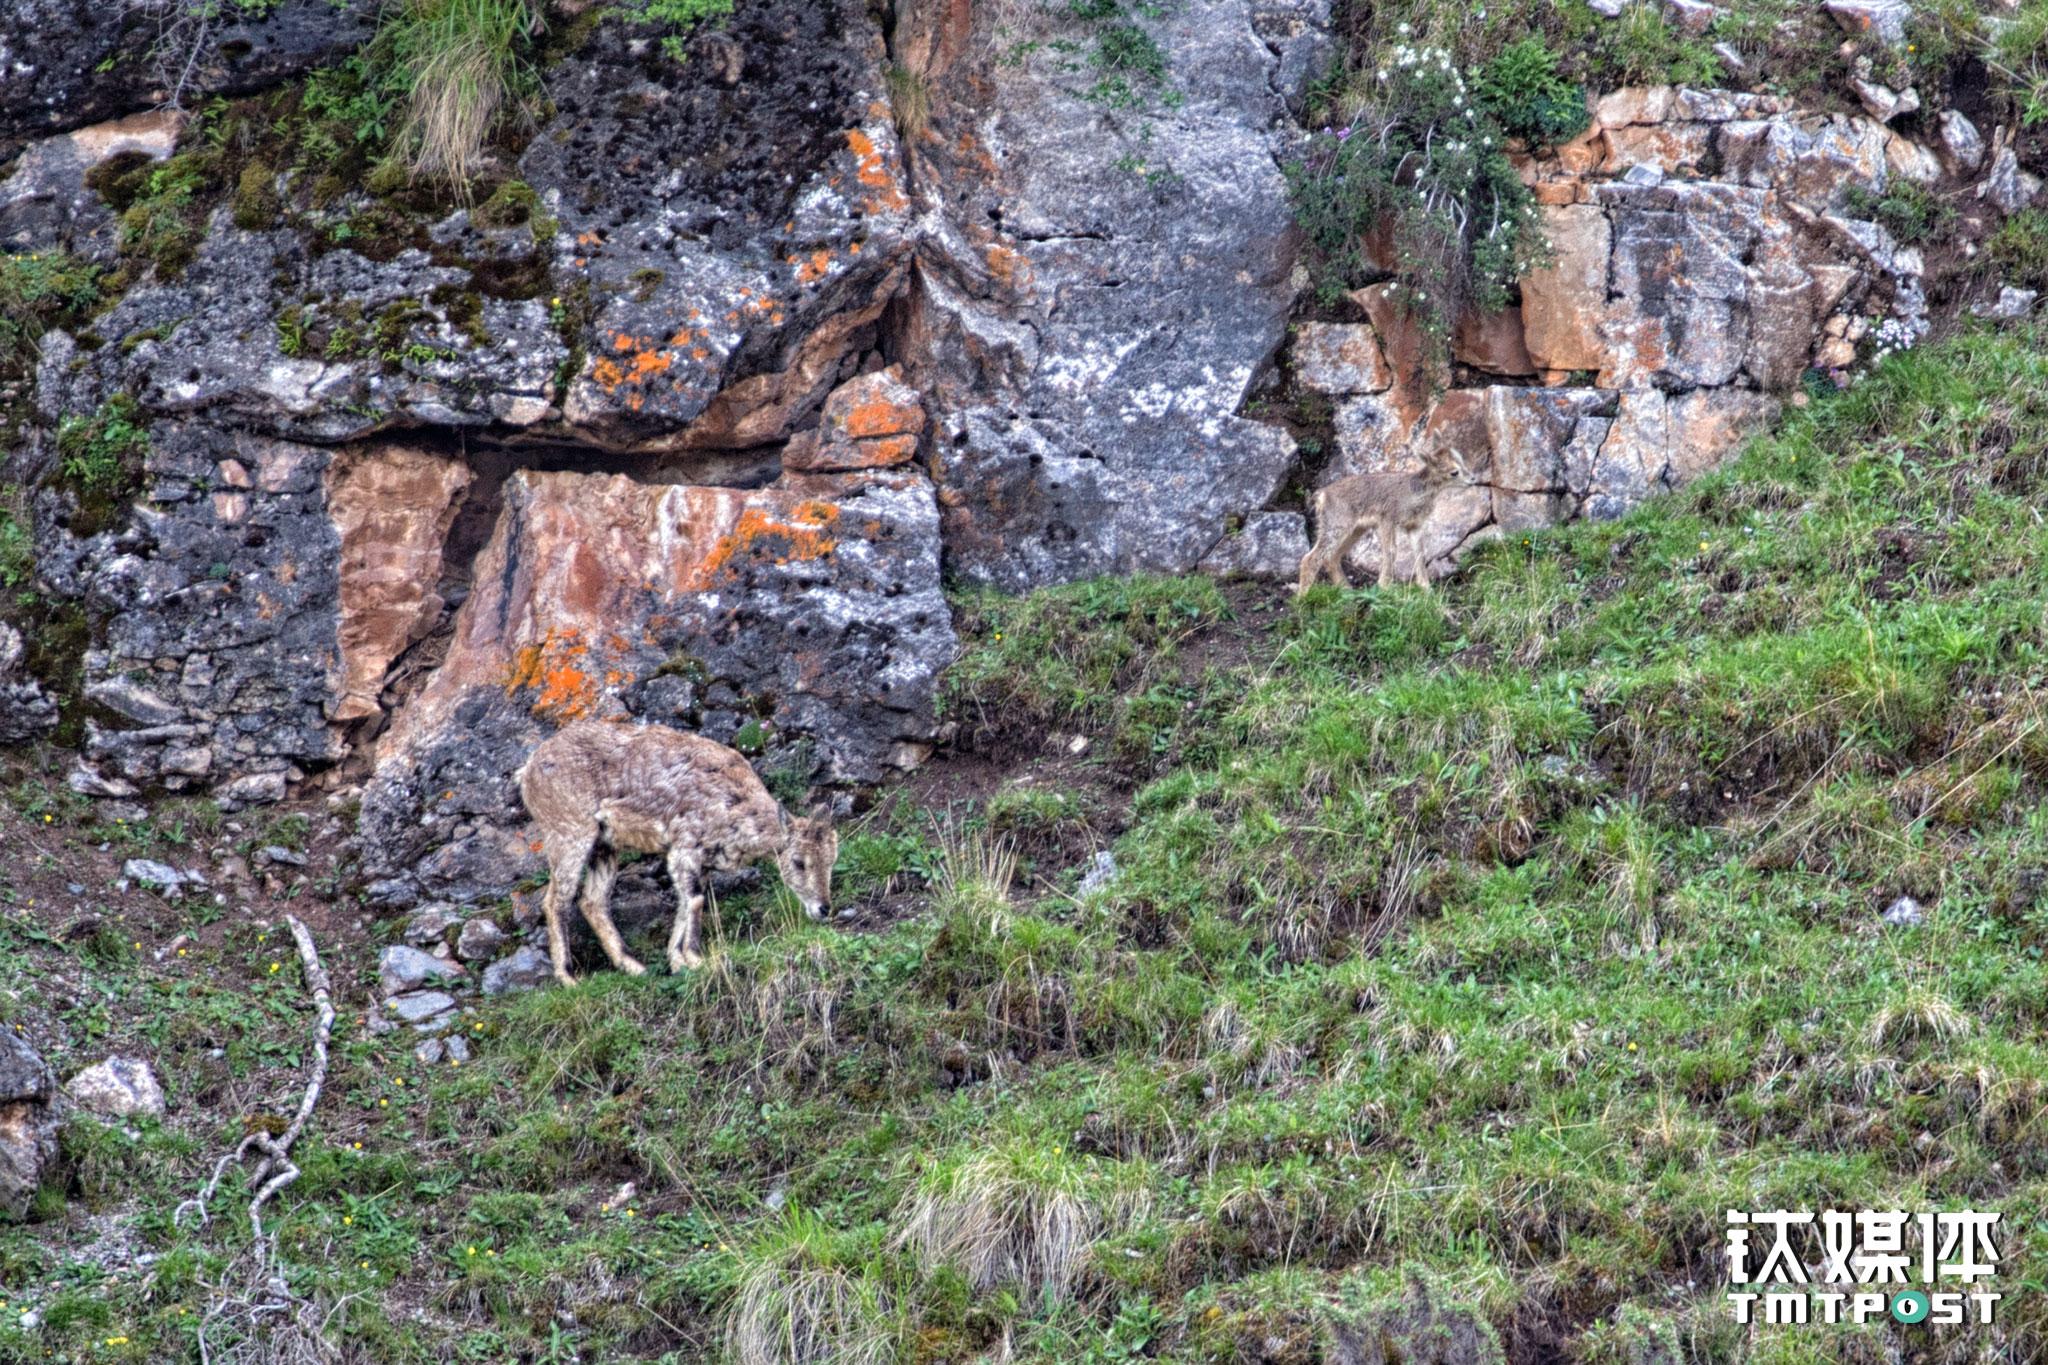 两只岩羊在河边山腰上进食。在漂流或徒步过程中,时常会看见诸如岩羊、秃鹫、鹰甚至雪豹、棕熊等野生动物。